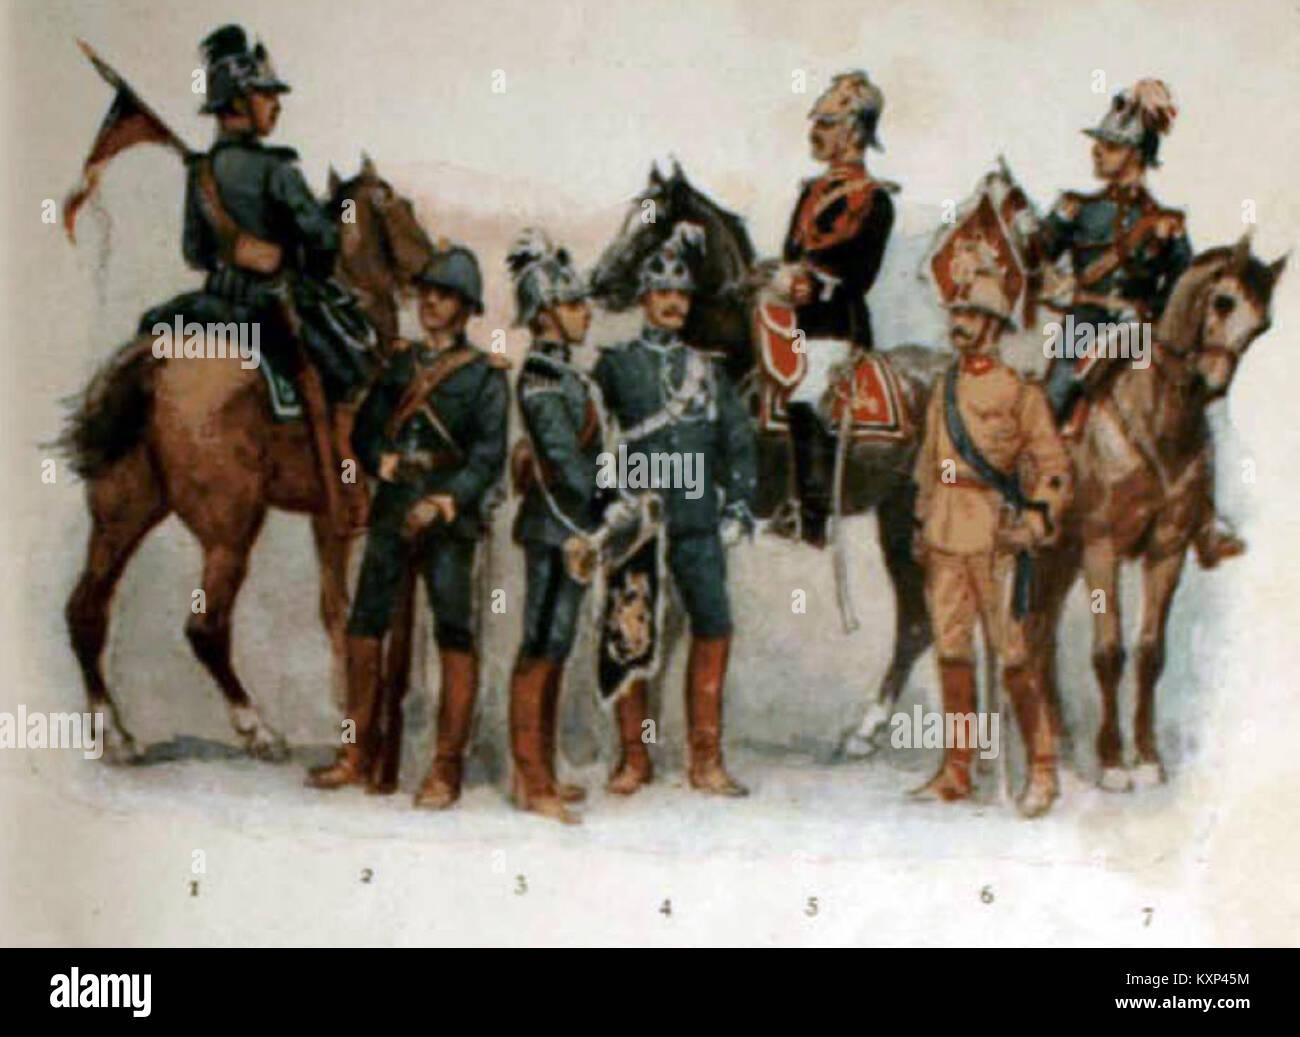 Ejército de Chile - Caballeria - Stock Image